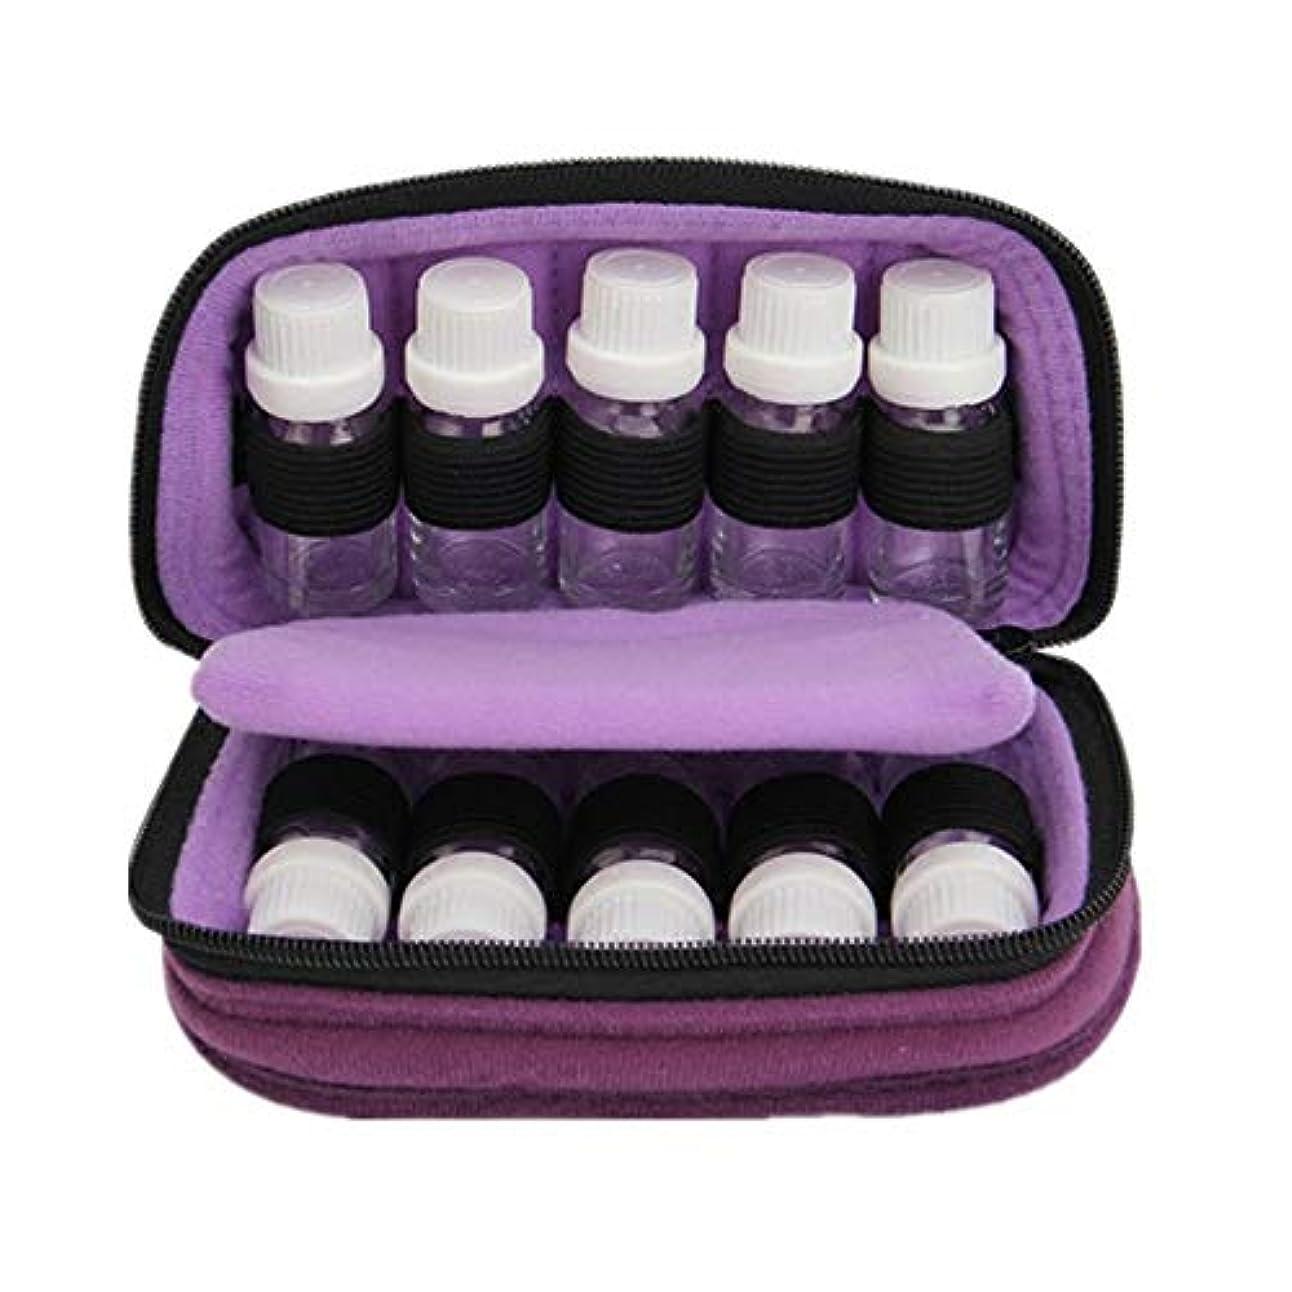 博覧会支配的実行可能エッセンシャルオイルストレージボックス ケース収納キャリング10ボトルエッセンシャルオイルはパープル走行用10/15 M1のトラベルオーガナイザーポーチバッグパーフェクトにフィット 旅行およびプレゼンテーション用 (色 : 紫の, サイズ : 18X10X7.5CM)